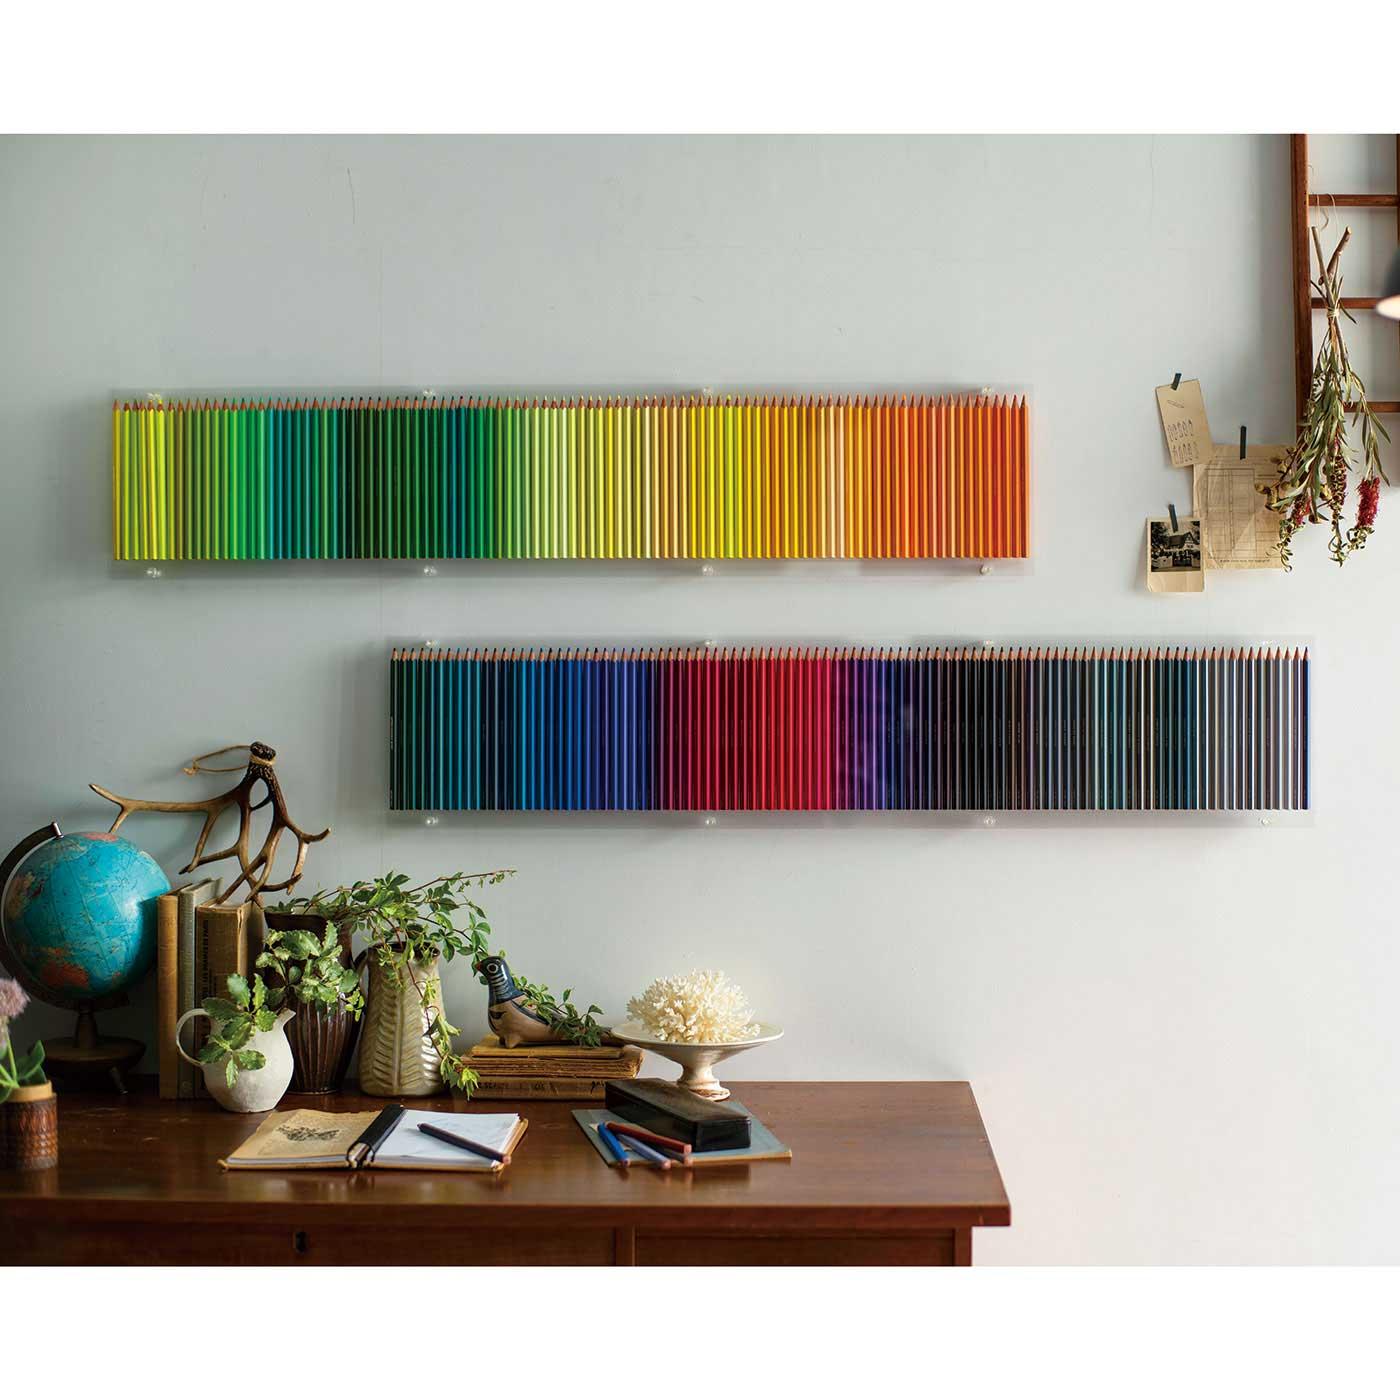 フェリシモコレクション|500色の色えんぴつ TOKYO SEEDS|壁に並べて、アートピースにしても。